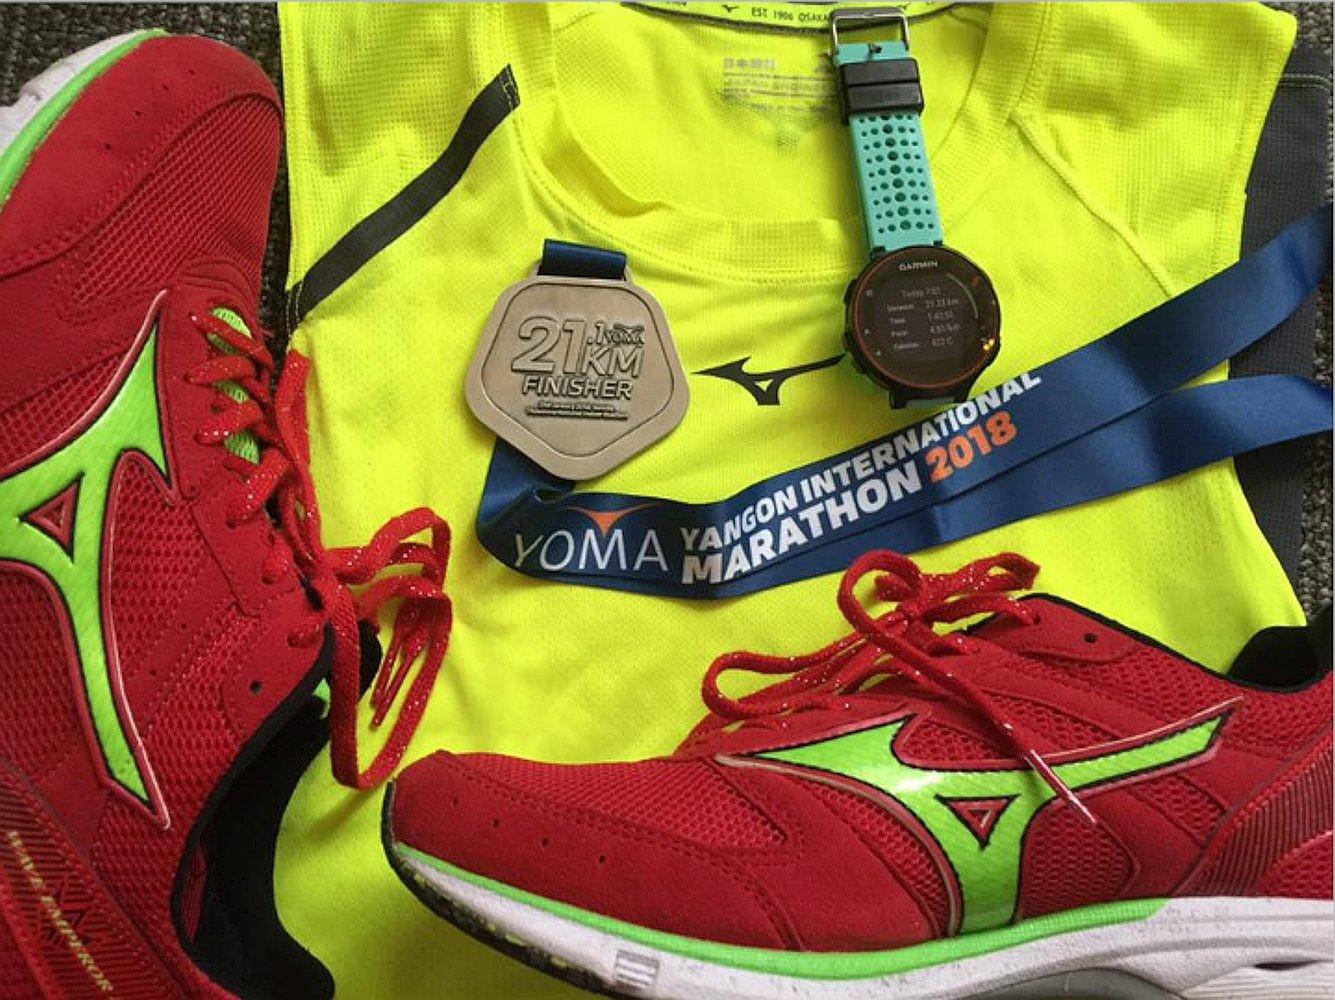 David Shum 1 Yangon Intl Marathon 2018